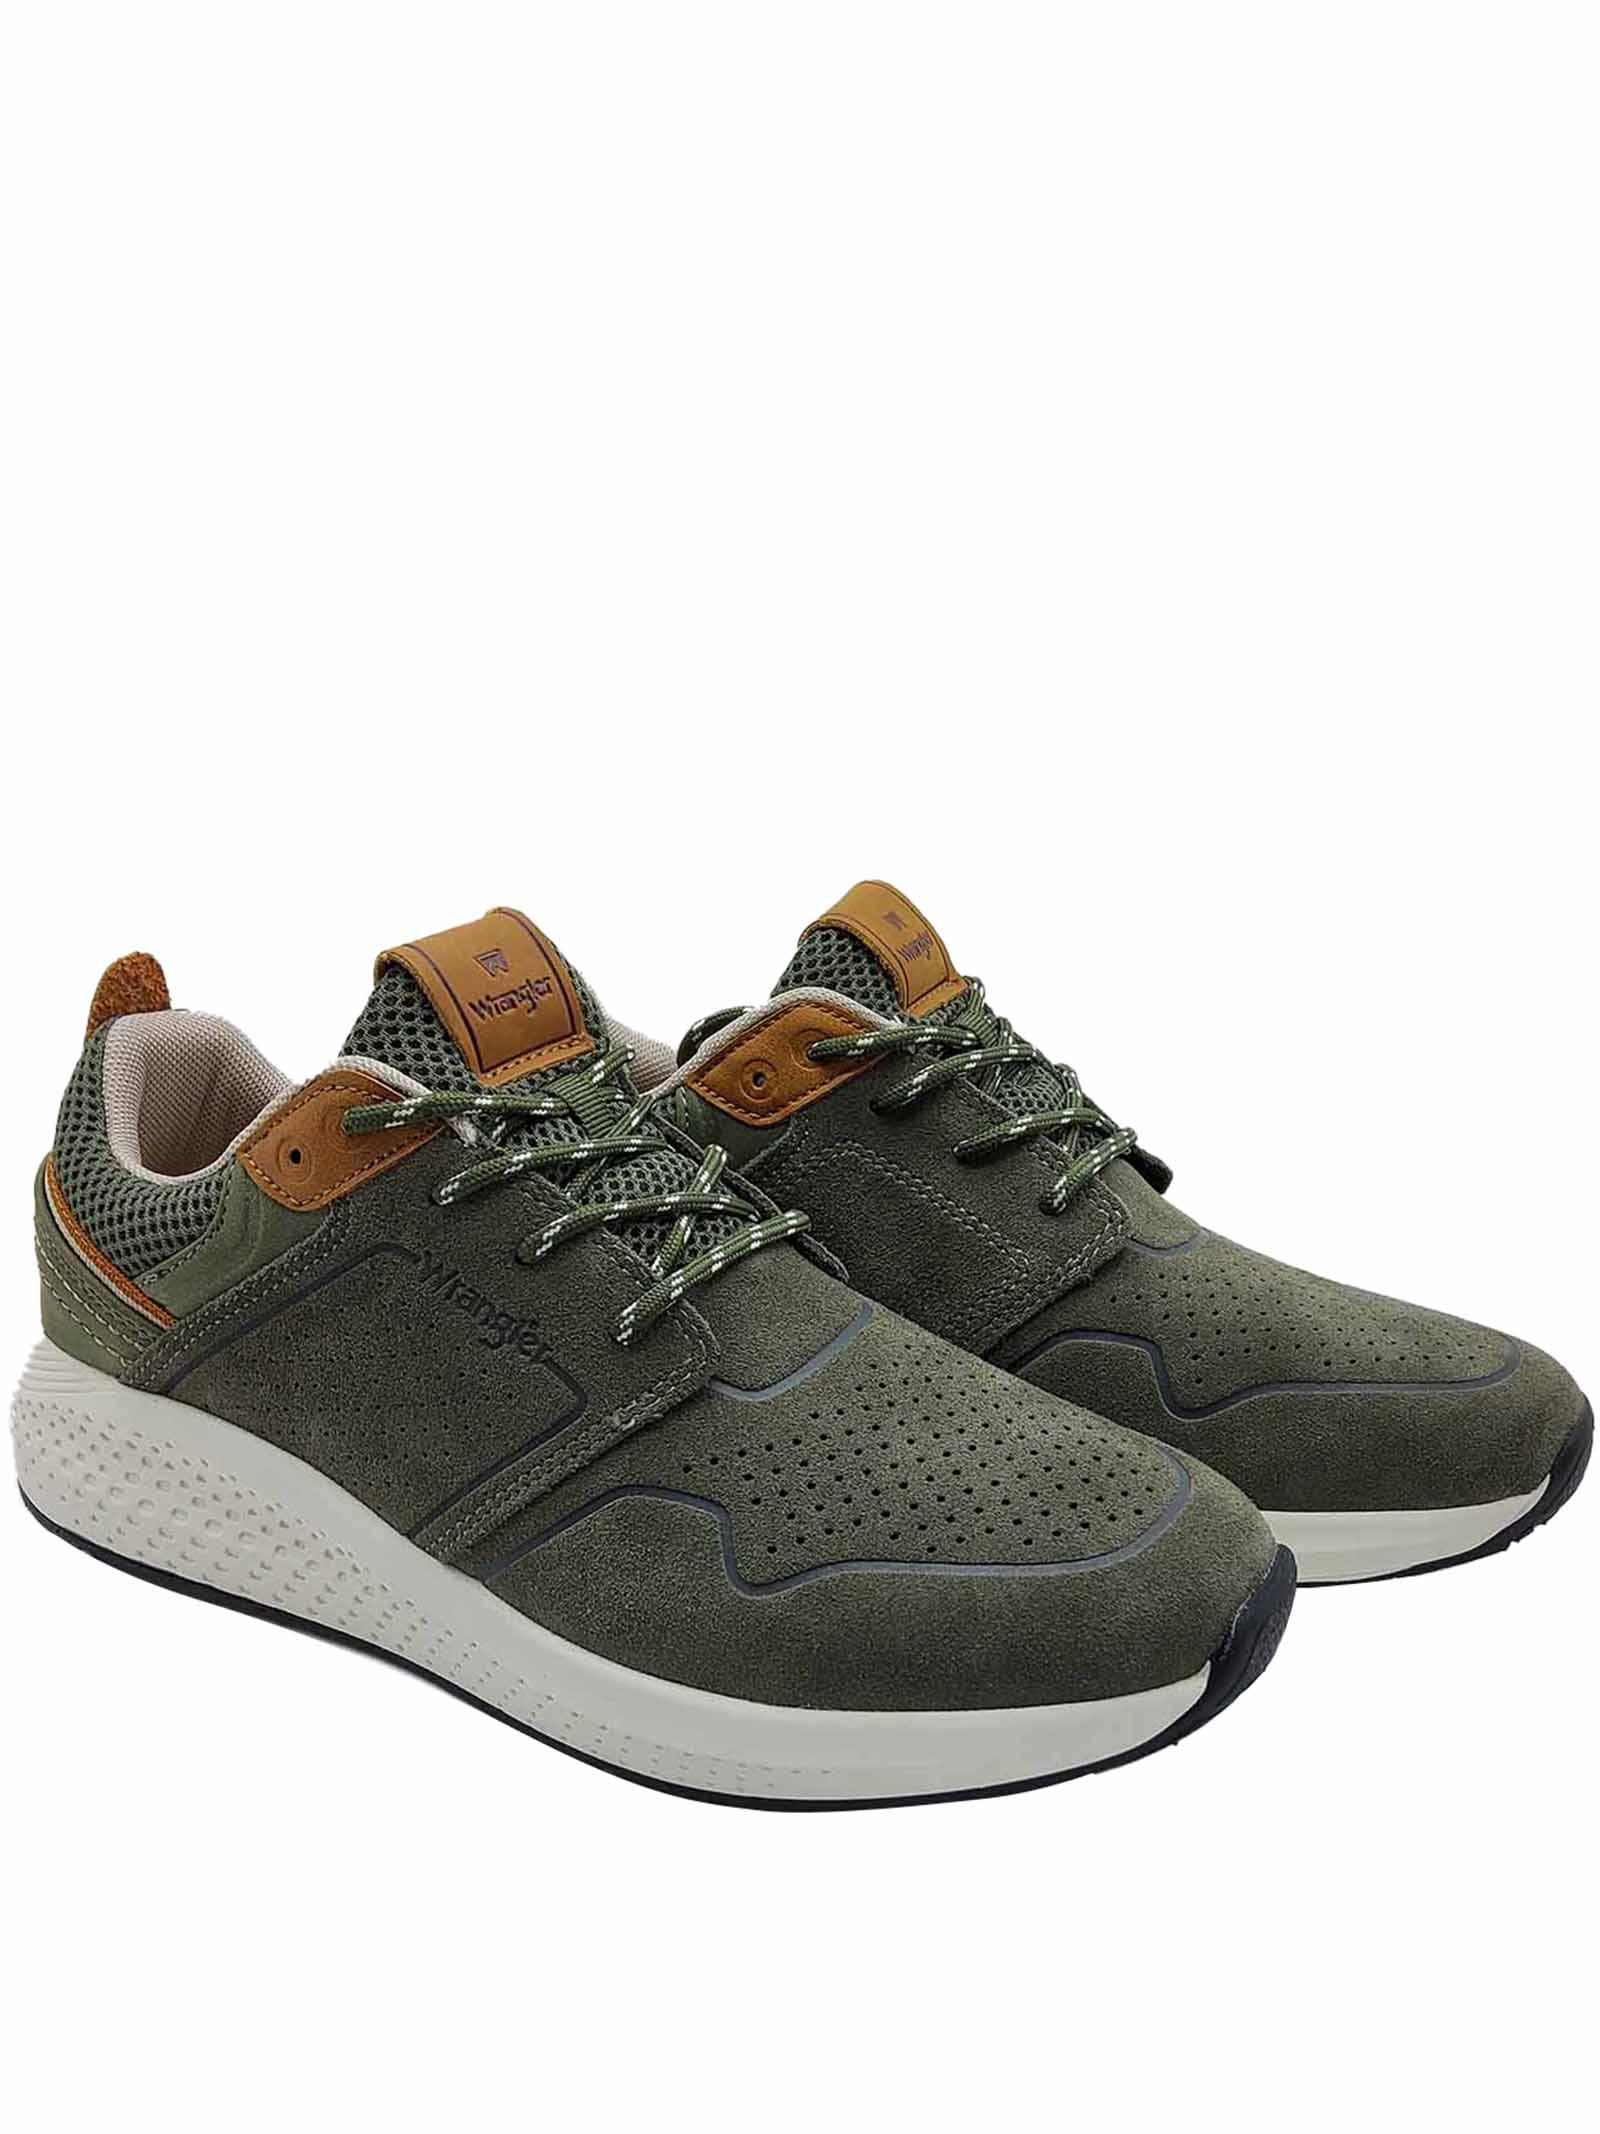 Calzature Uomo Sneakers Sequoia City in Camoscio Verde Militare con Fondo Ultraleggero Wrangler | Sneakers | WM11071A020